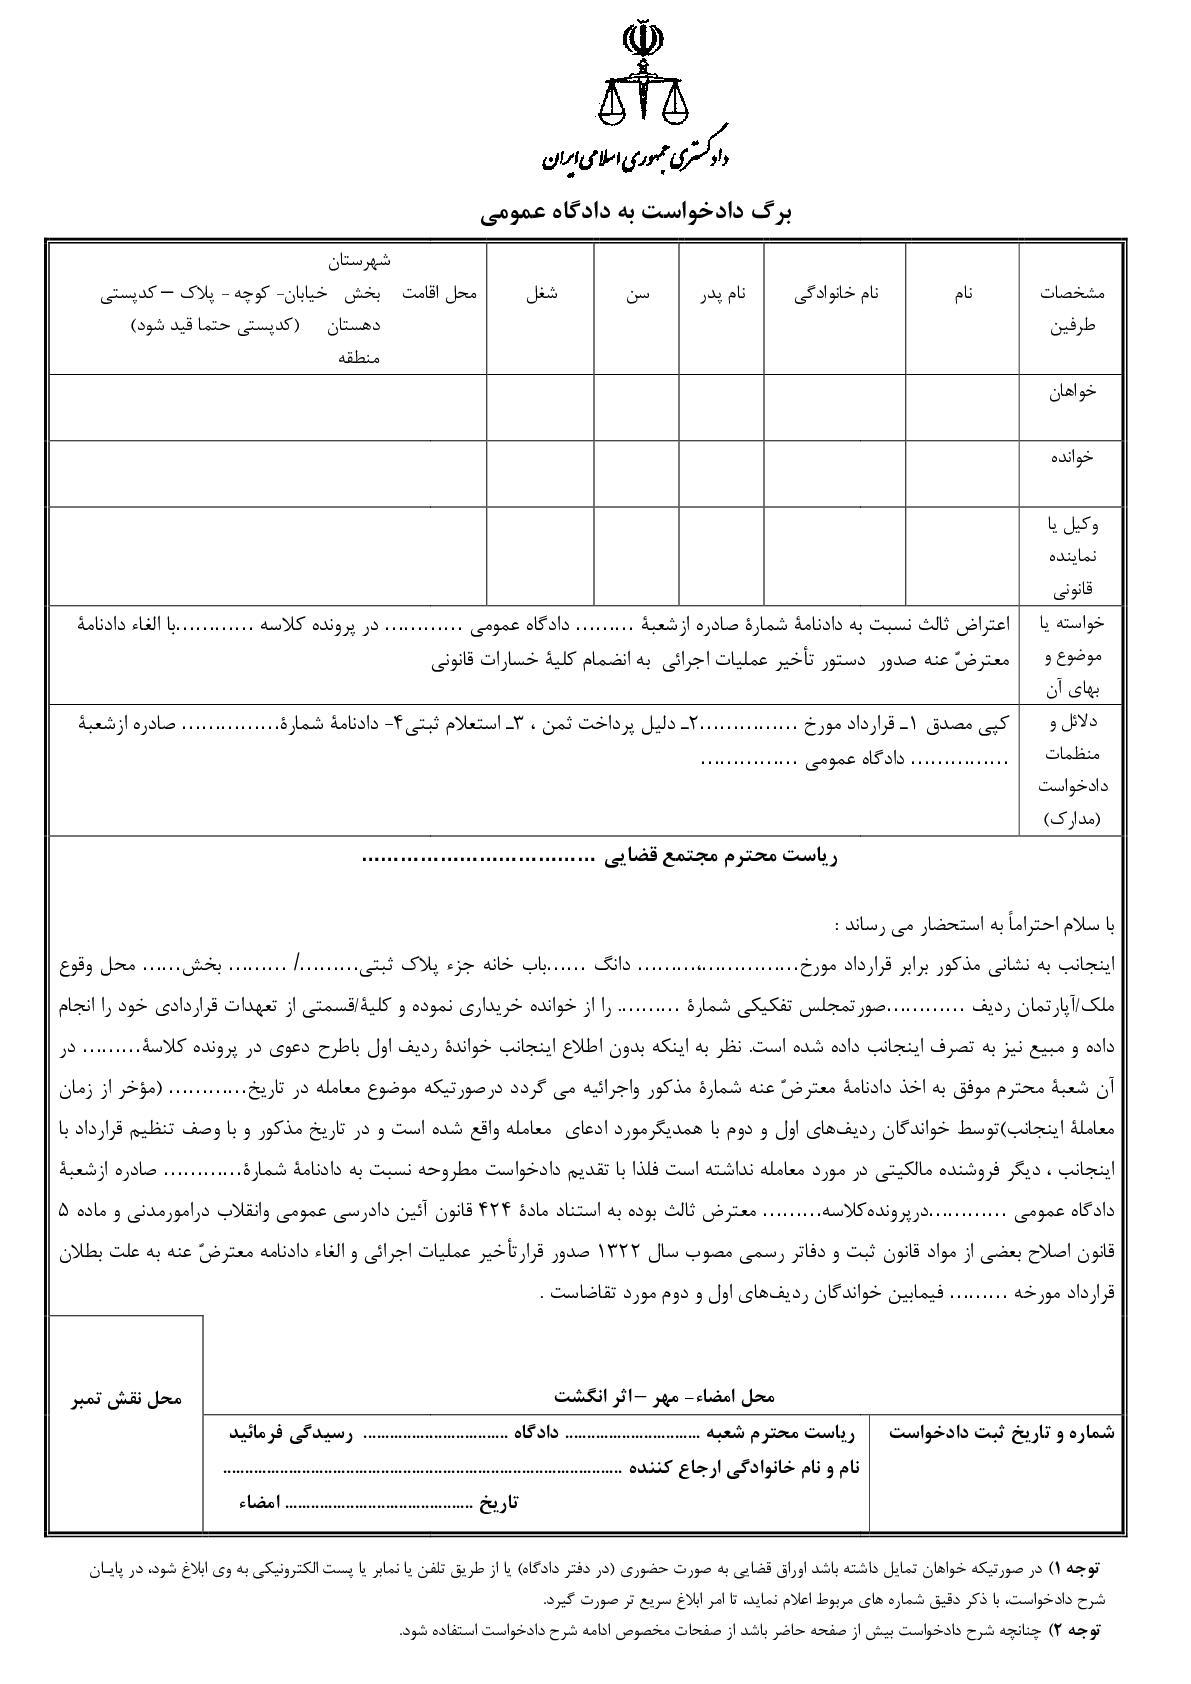 دادخواست اعتراض ثالث در پرونده الزام به تنظیم سند و درخواست صدور تاخیر عملیات اجرایی